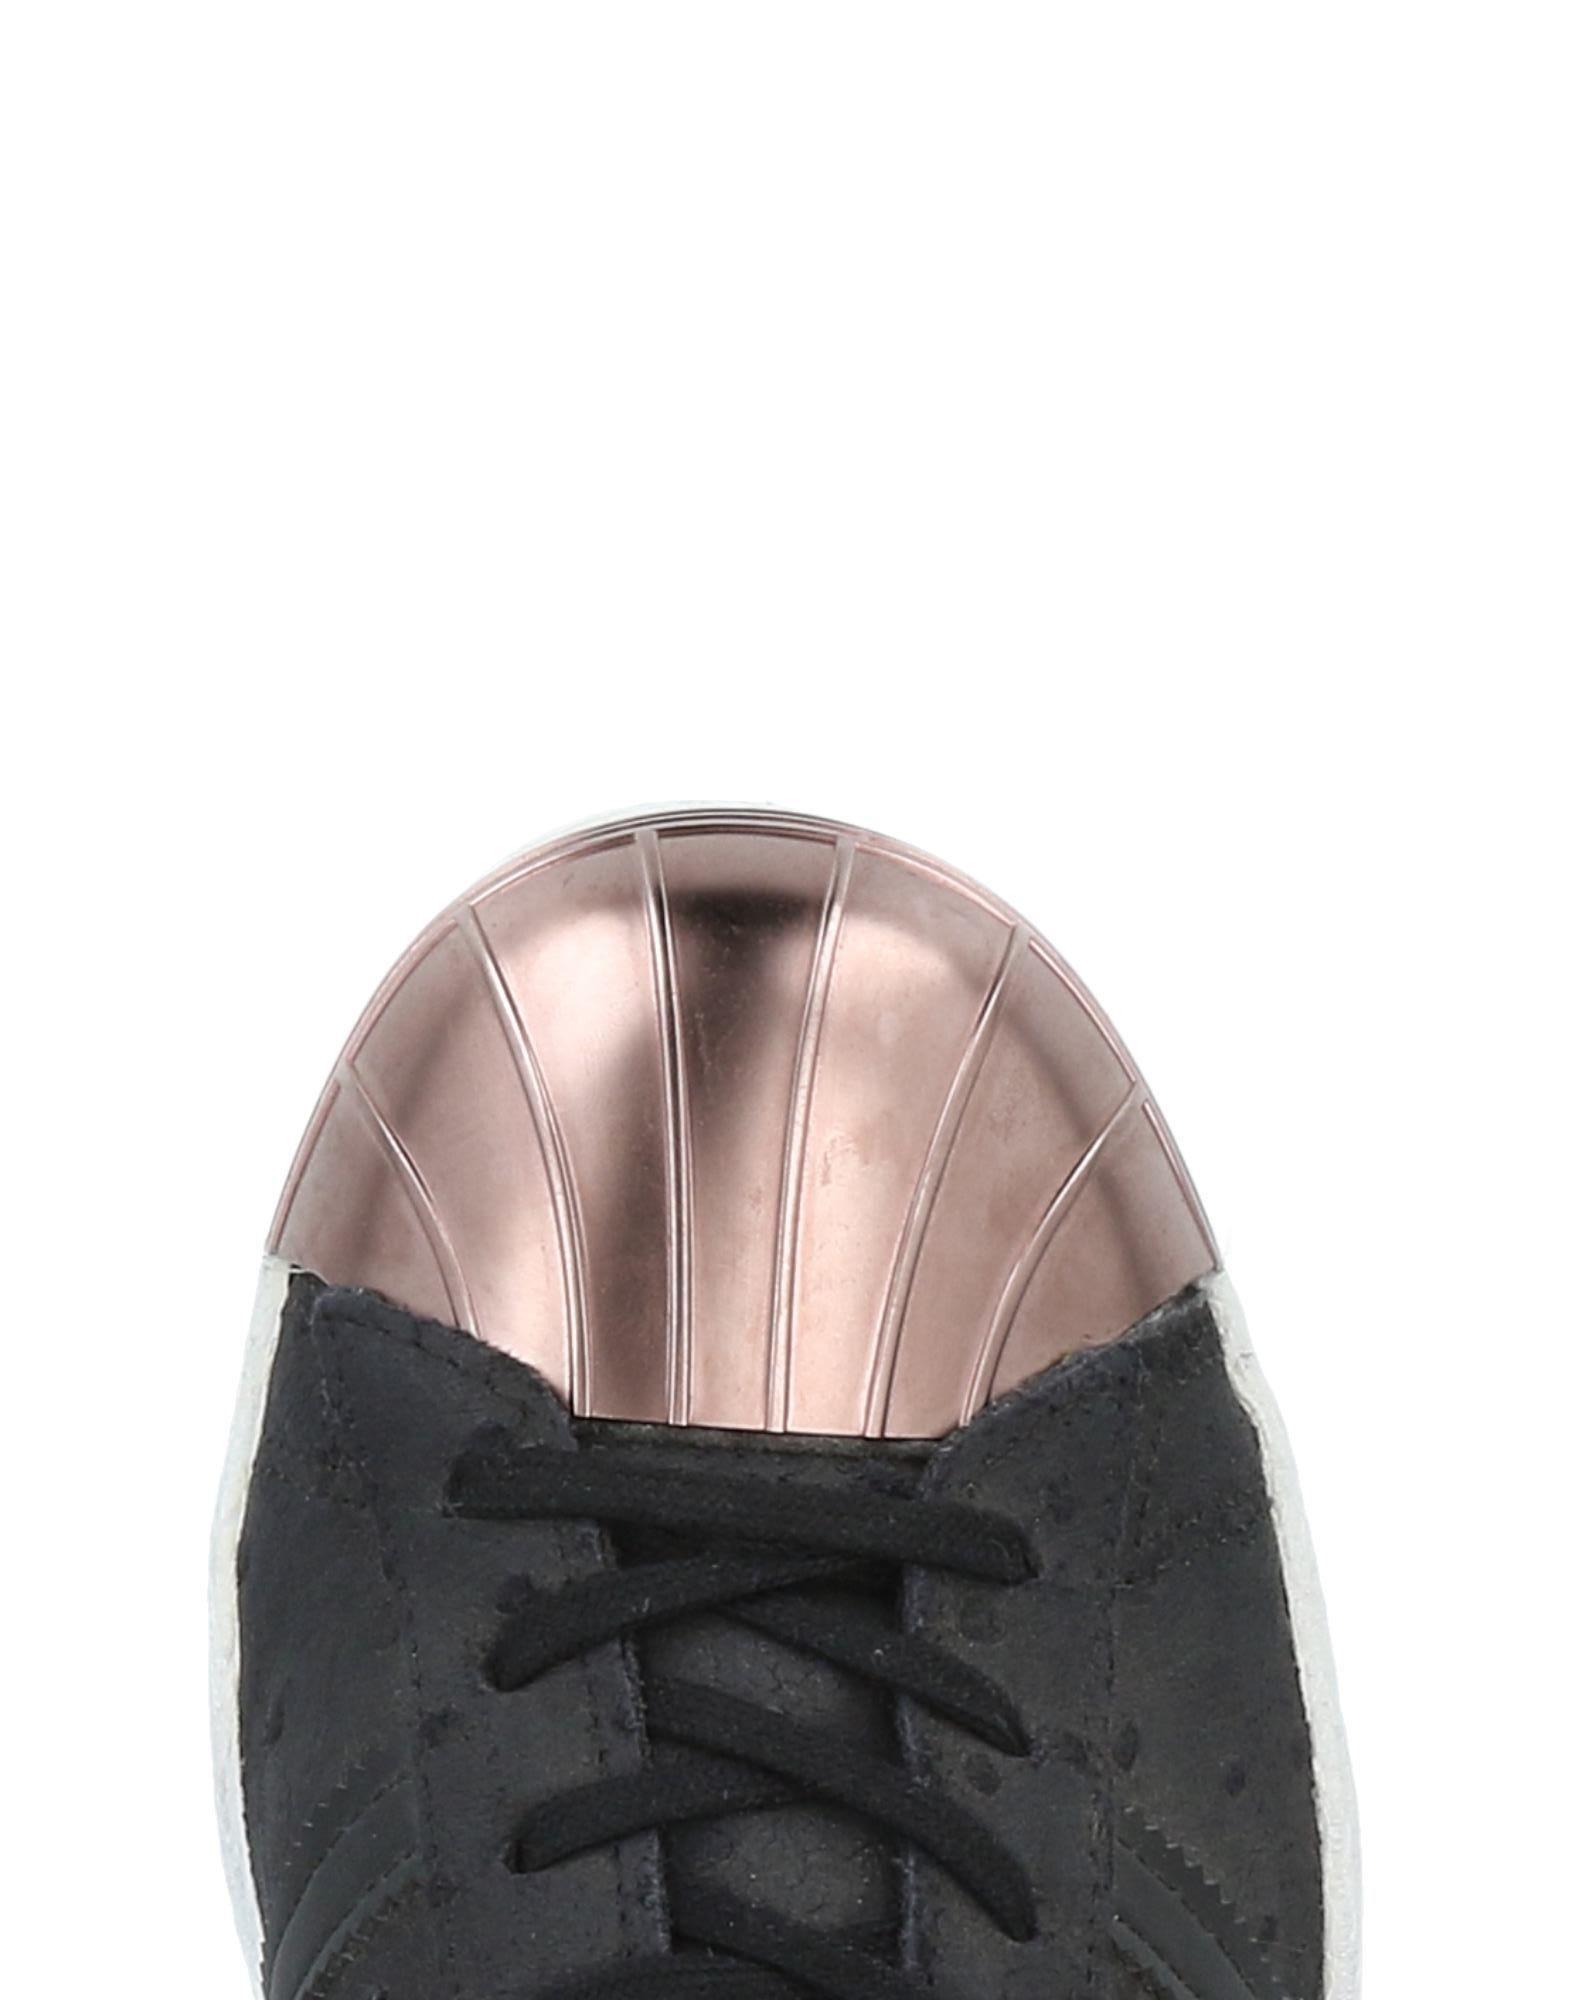 Adidas Originals Gute Sneakers Damen  11441941NG Gute Originals Qualität beliebte Schuhe 89fa03